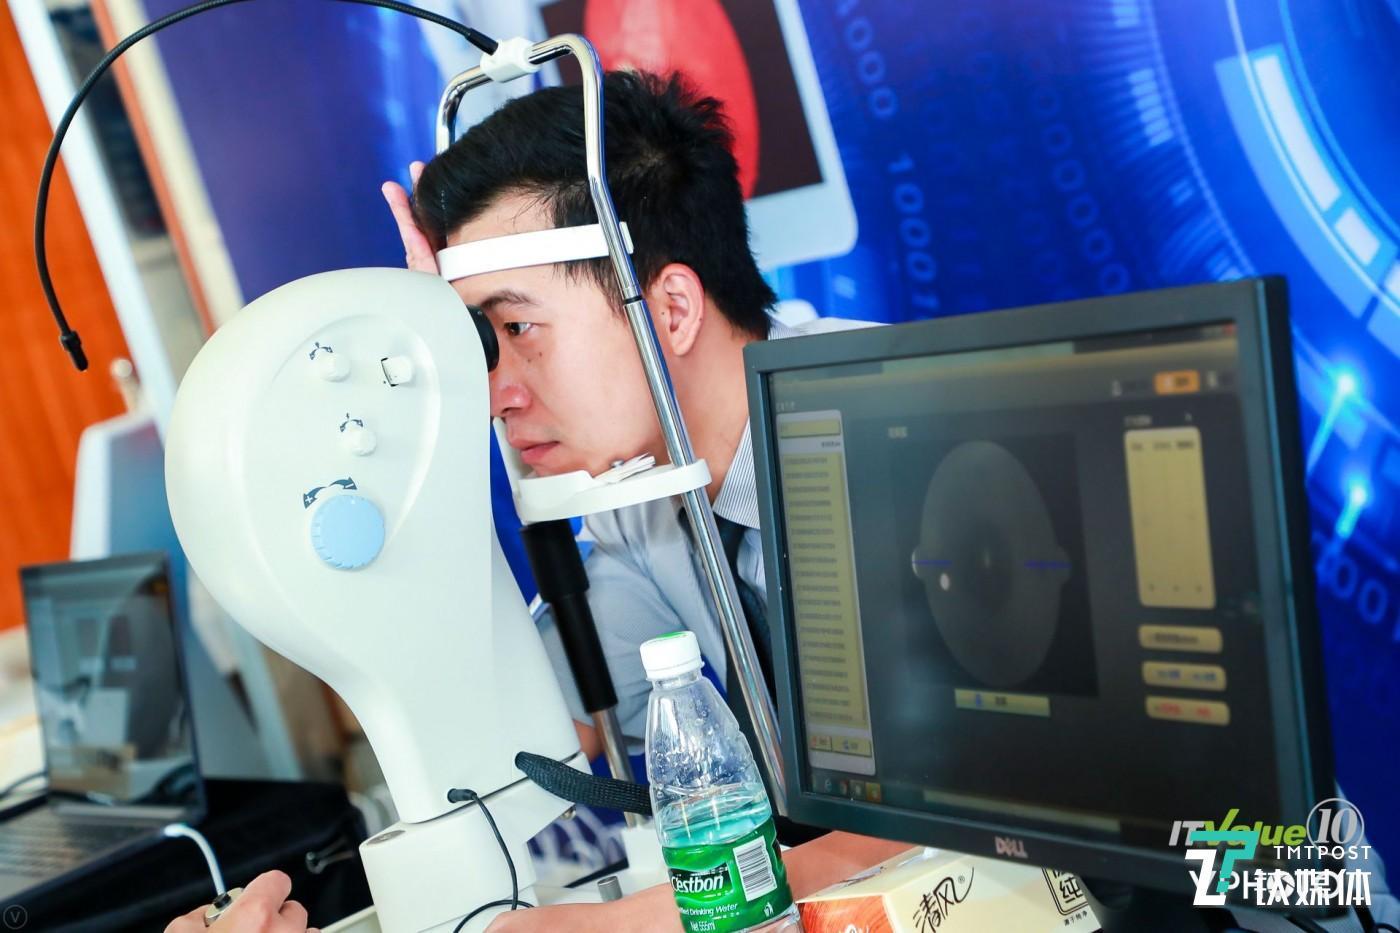 参会人员现场体验星创视界眼底检测服务